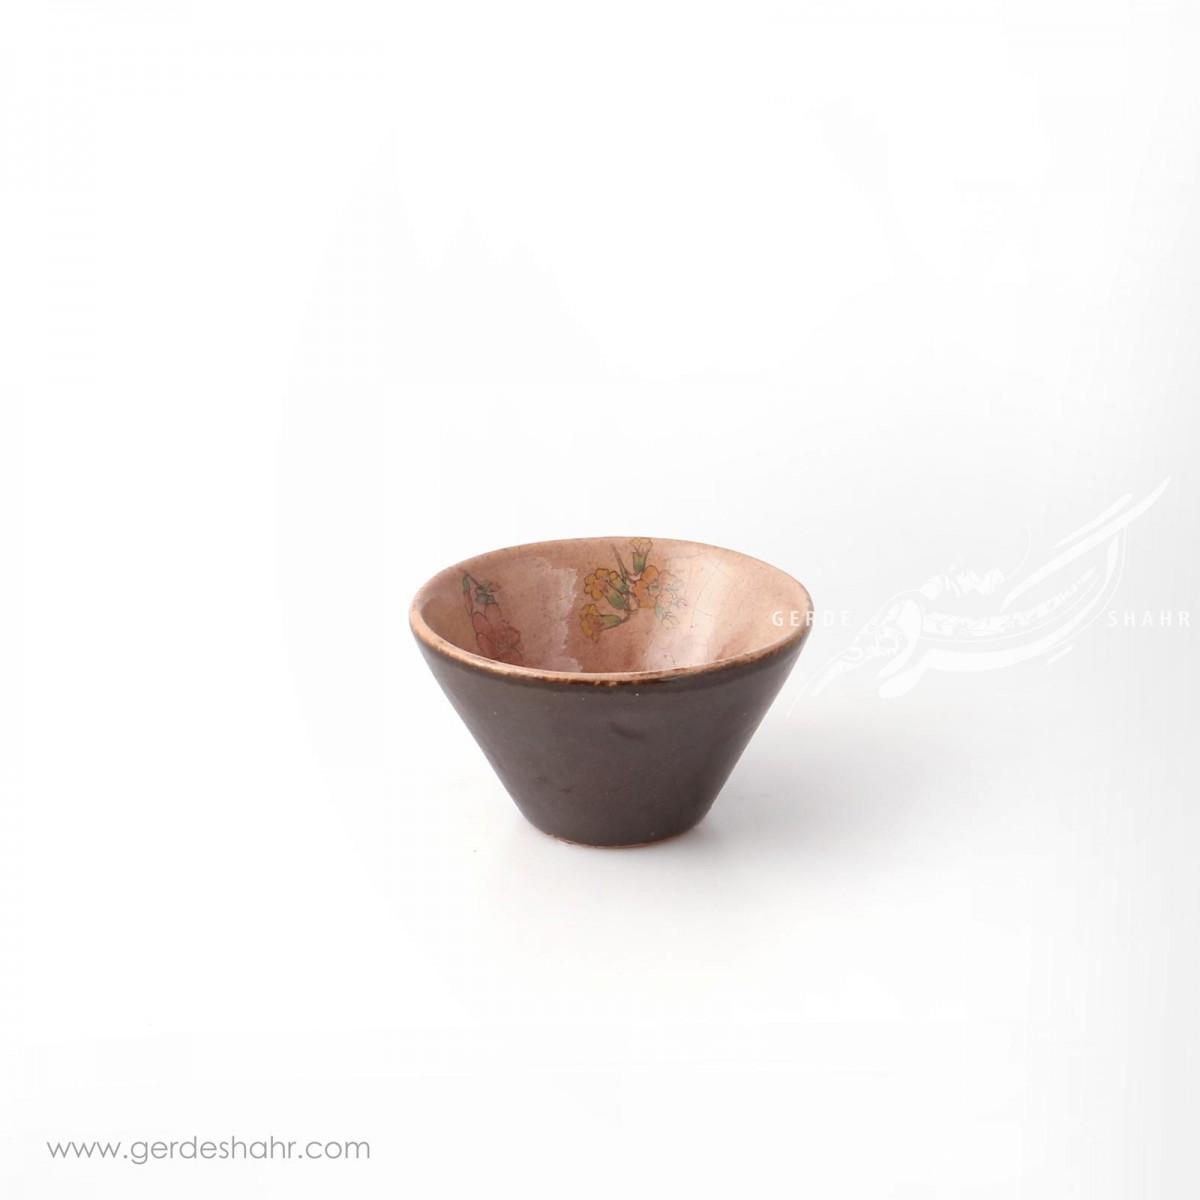 کاسه گود قهوه ای روشن گلدار سایز ۹ ماه فروز محصولات